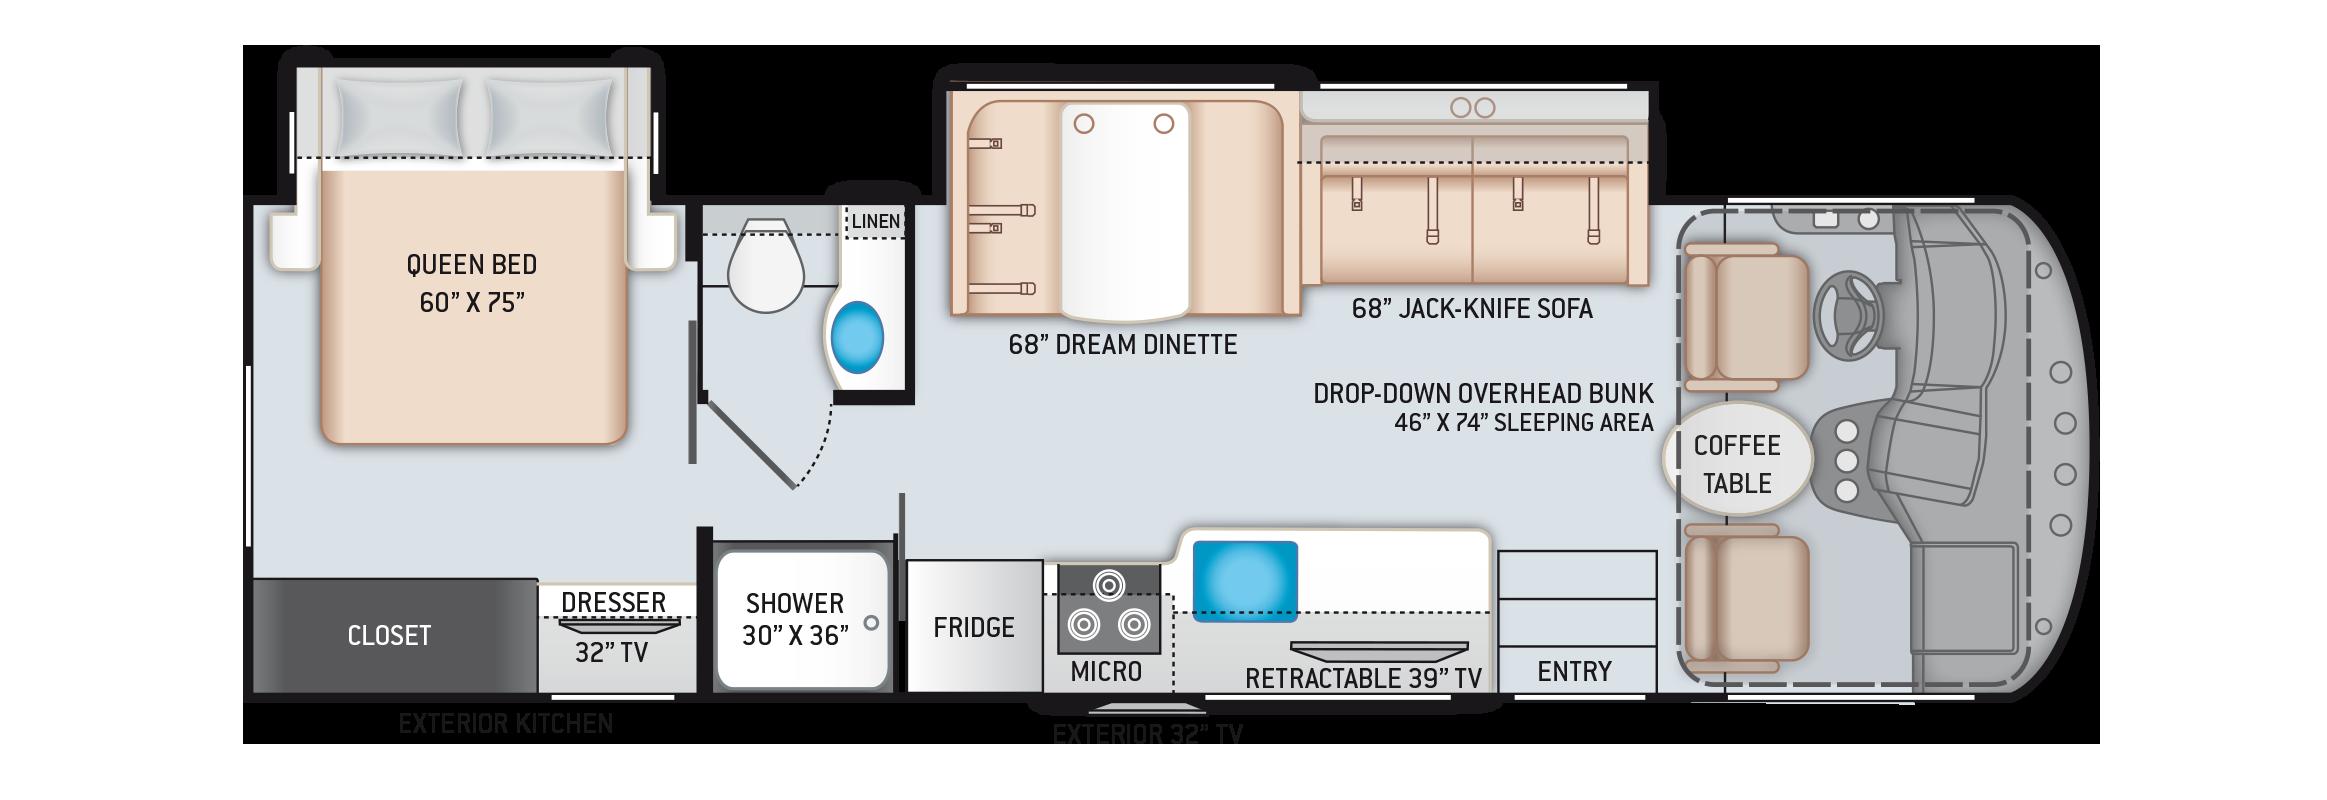 A.C.E. Class A Motorhome 30.3 Floor Plan